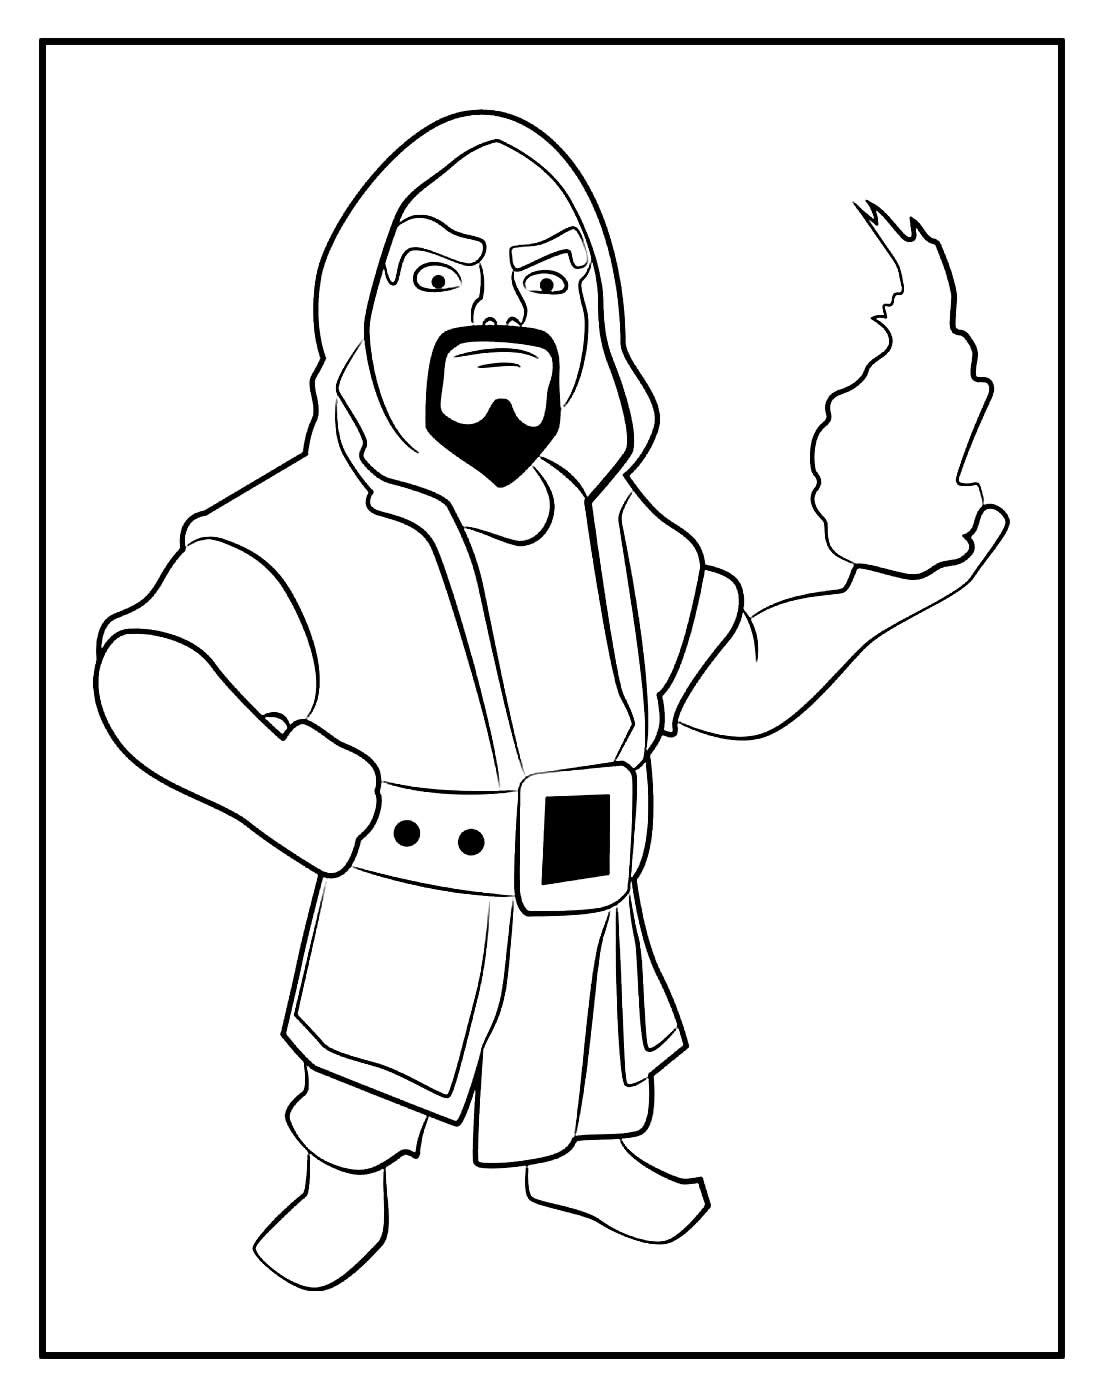 Desenho para colorir de Mago - Clash of Clans